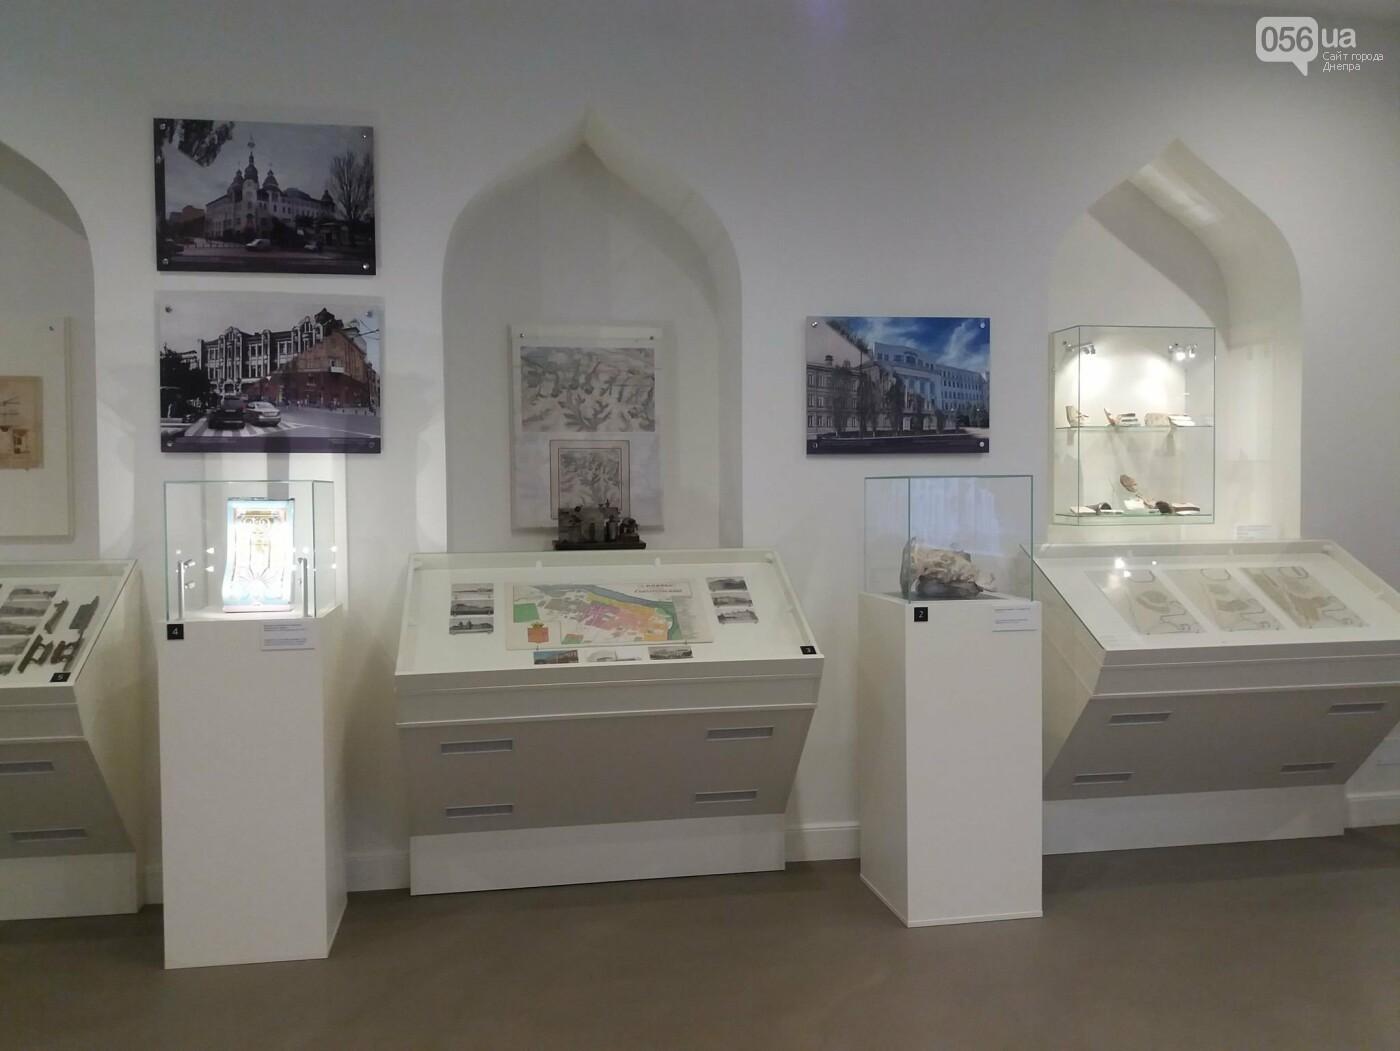 Стоимость экскурсии и входного билета в Музей истории Днепра, фото-5